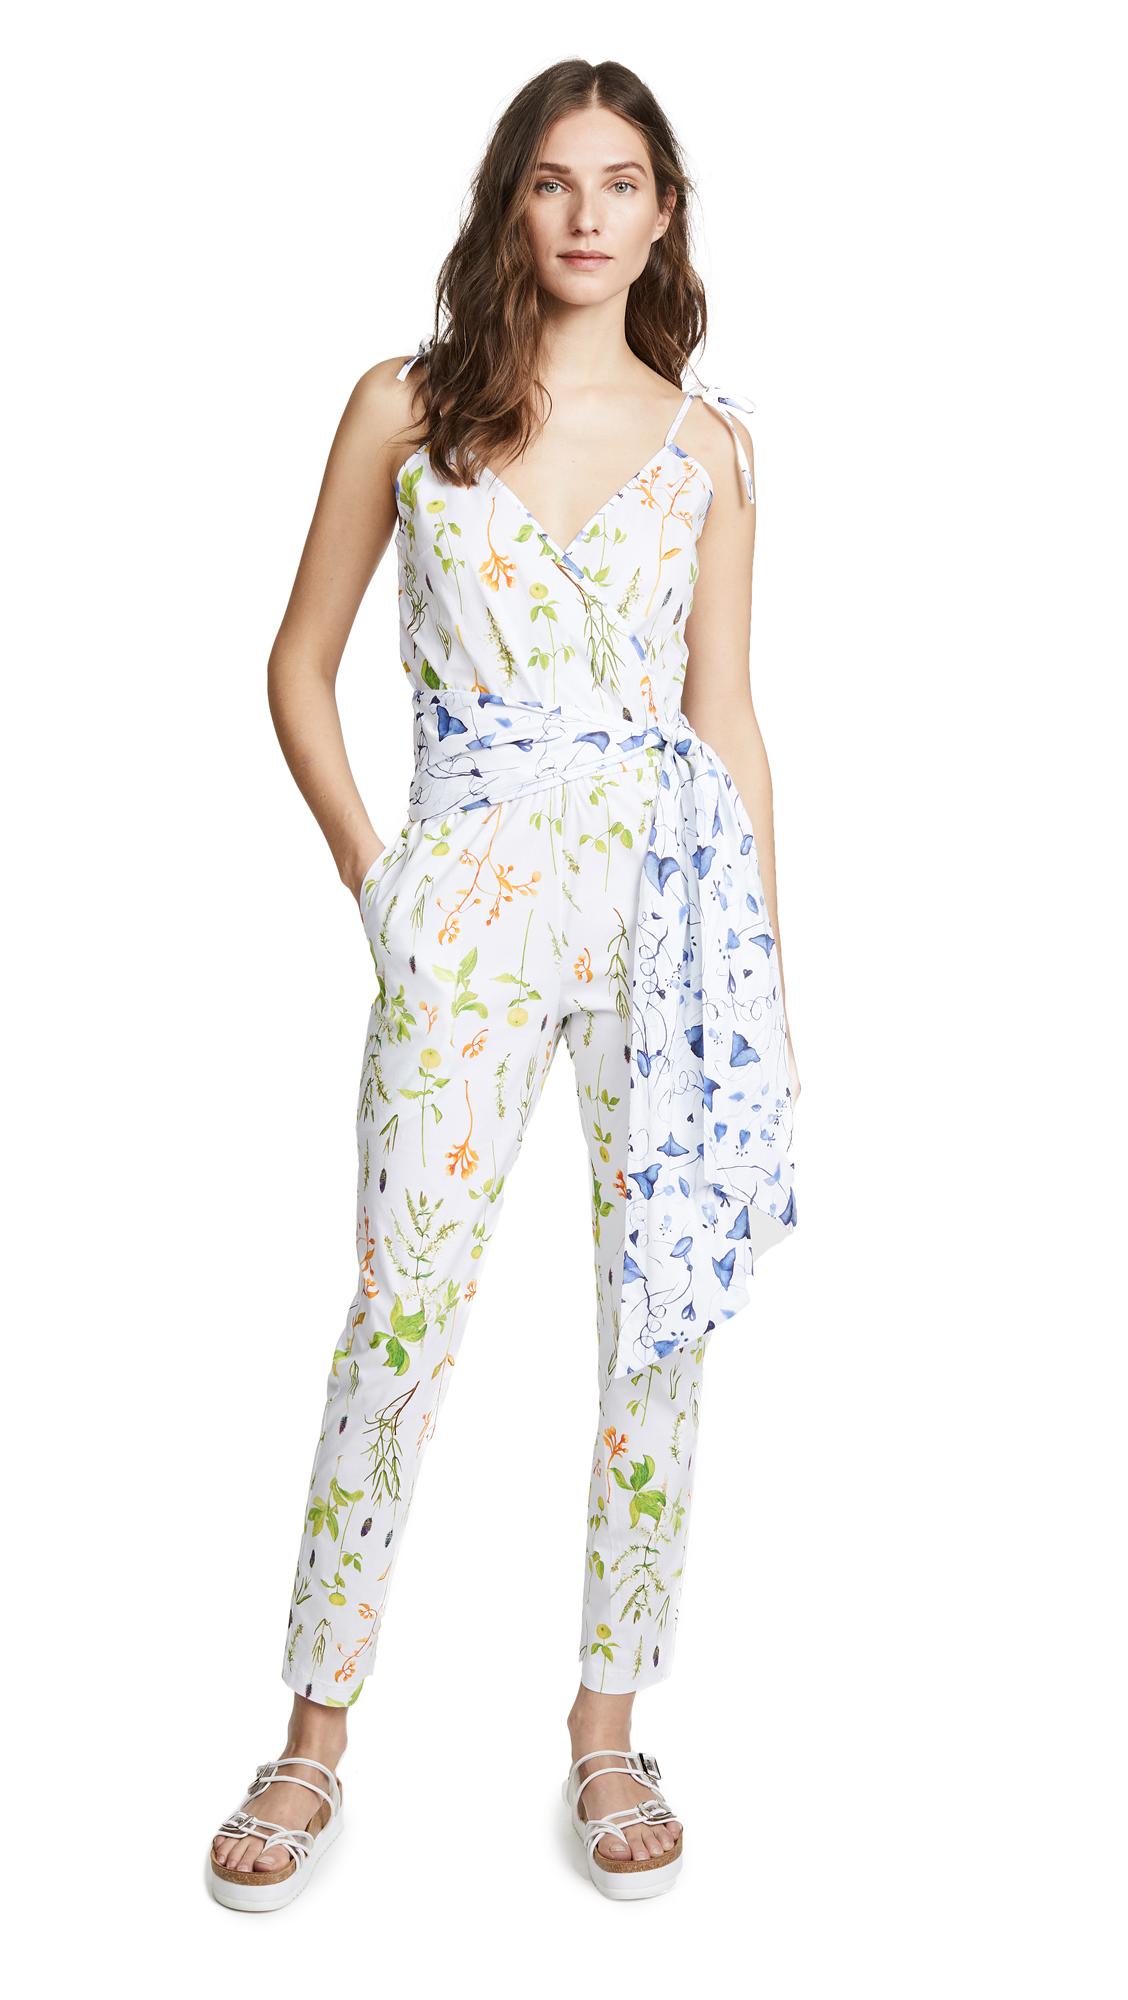 Isolda Camelia Jumpsuit In White Multi